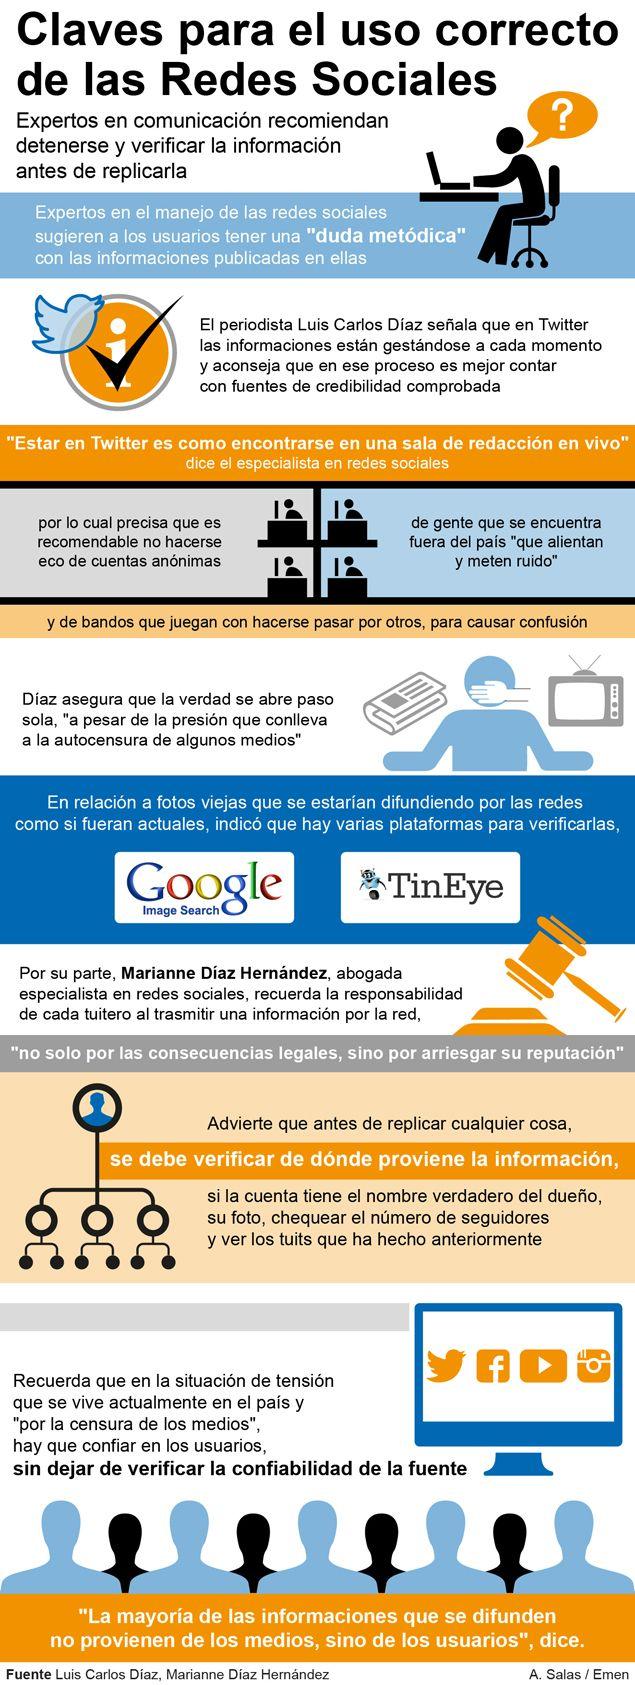 Claves para el uso correcto de Redes Sociales #infografia